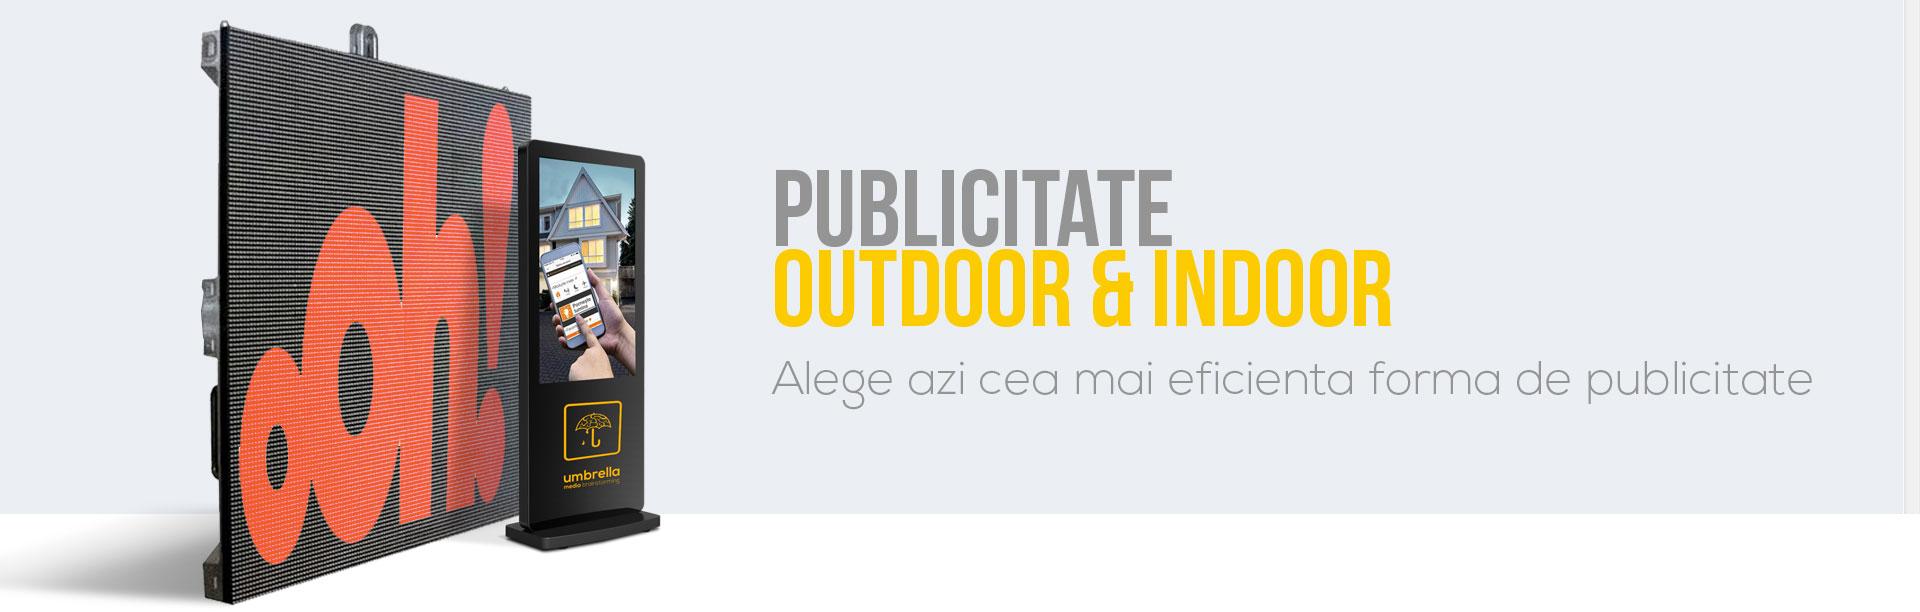 publicitate-outdoor-indoor